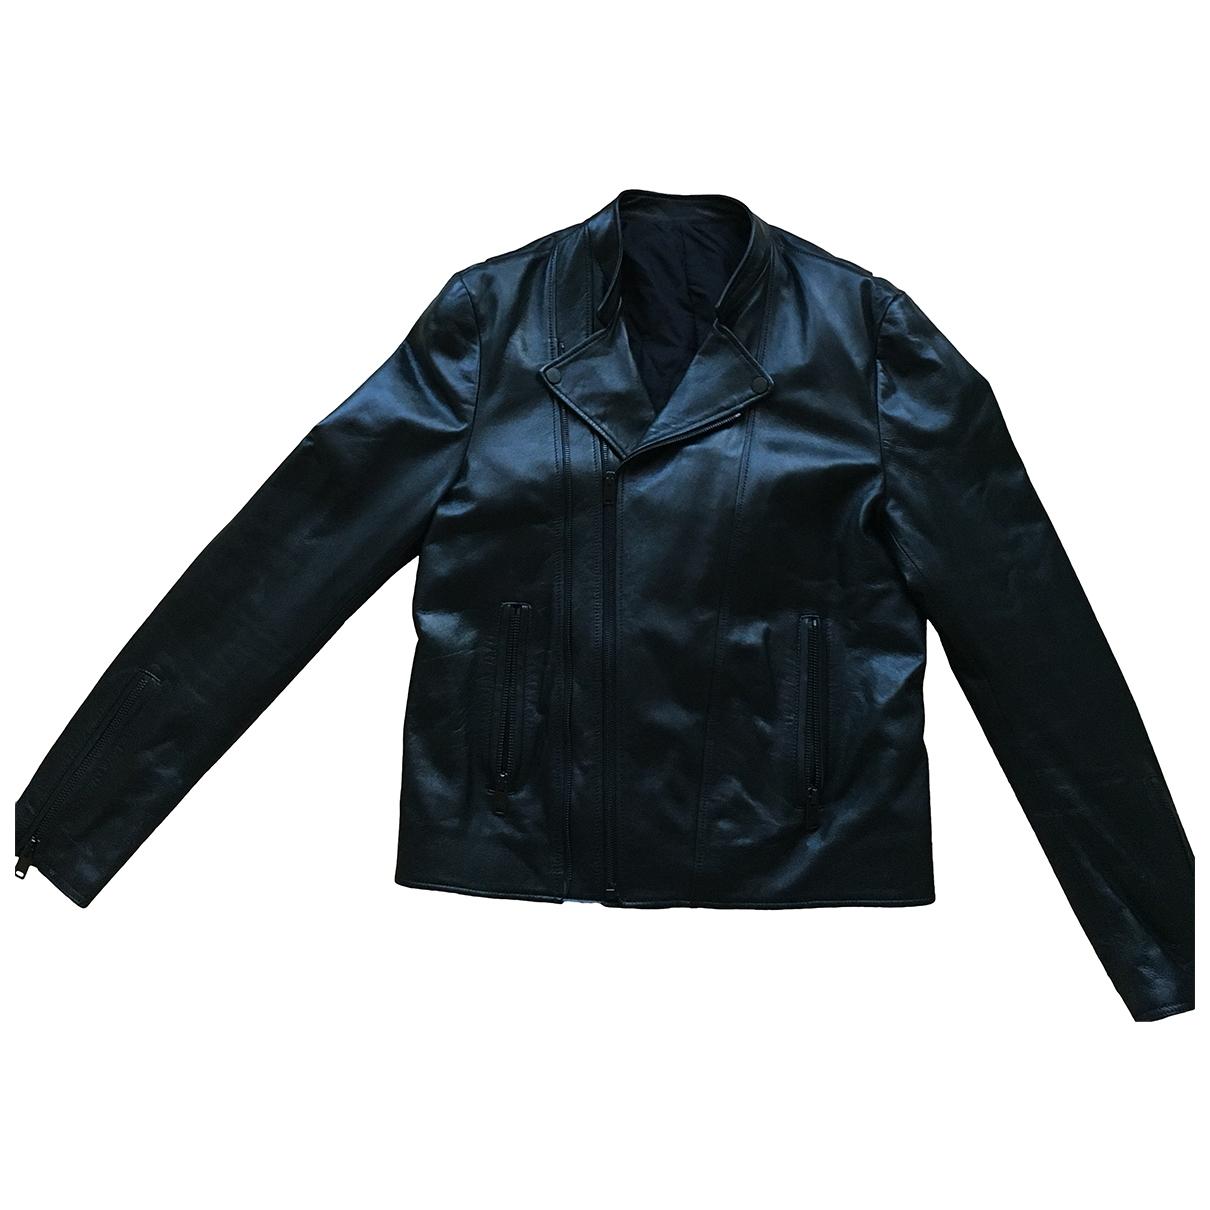 Balenciaga - Vestes.Blousons   pour homme en cuir - noir